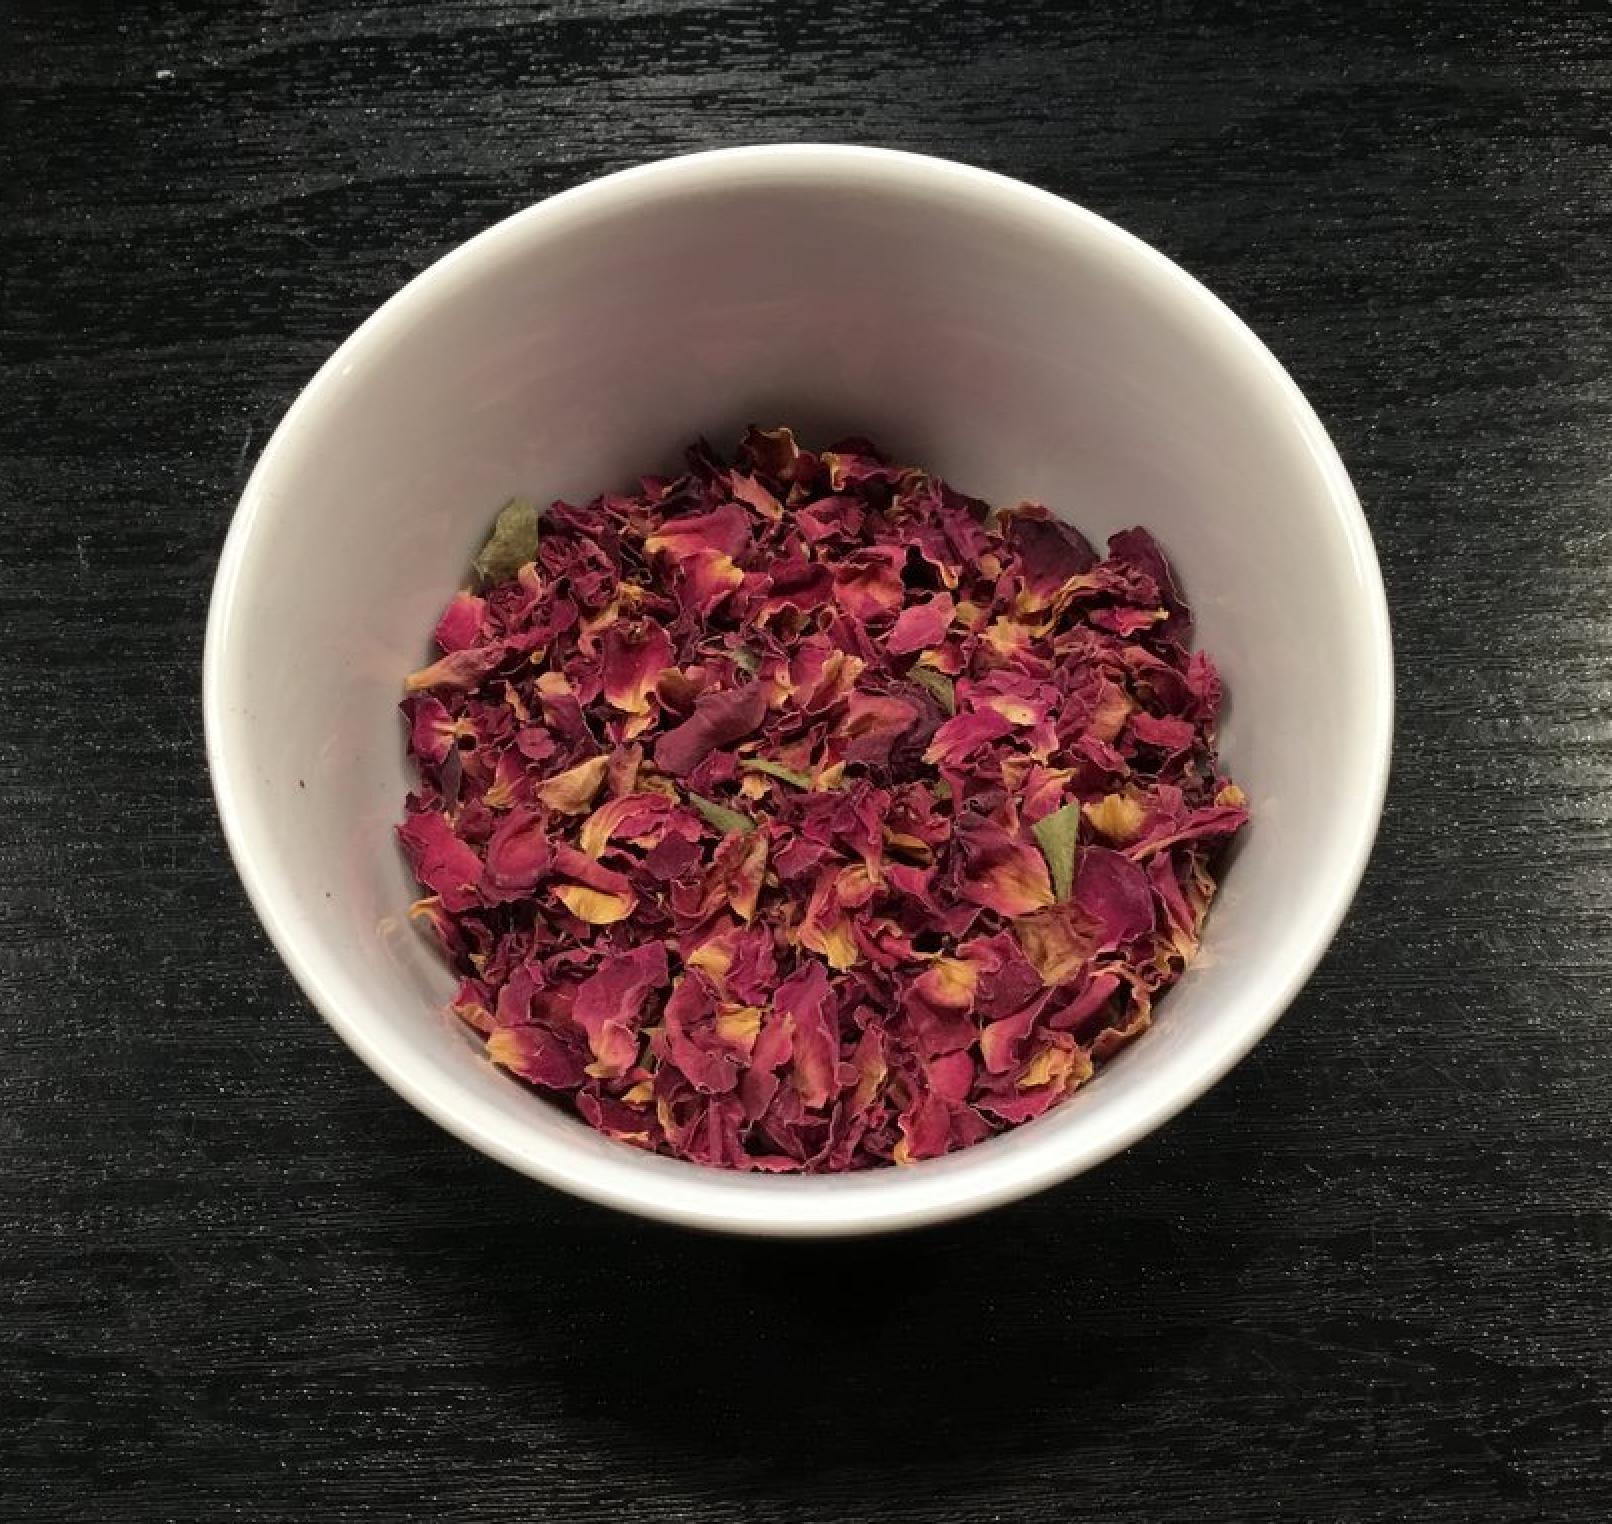 Tisane à la rose, La maison des 100 thés